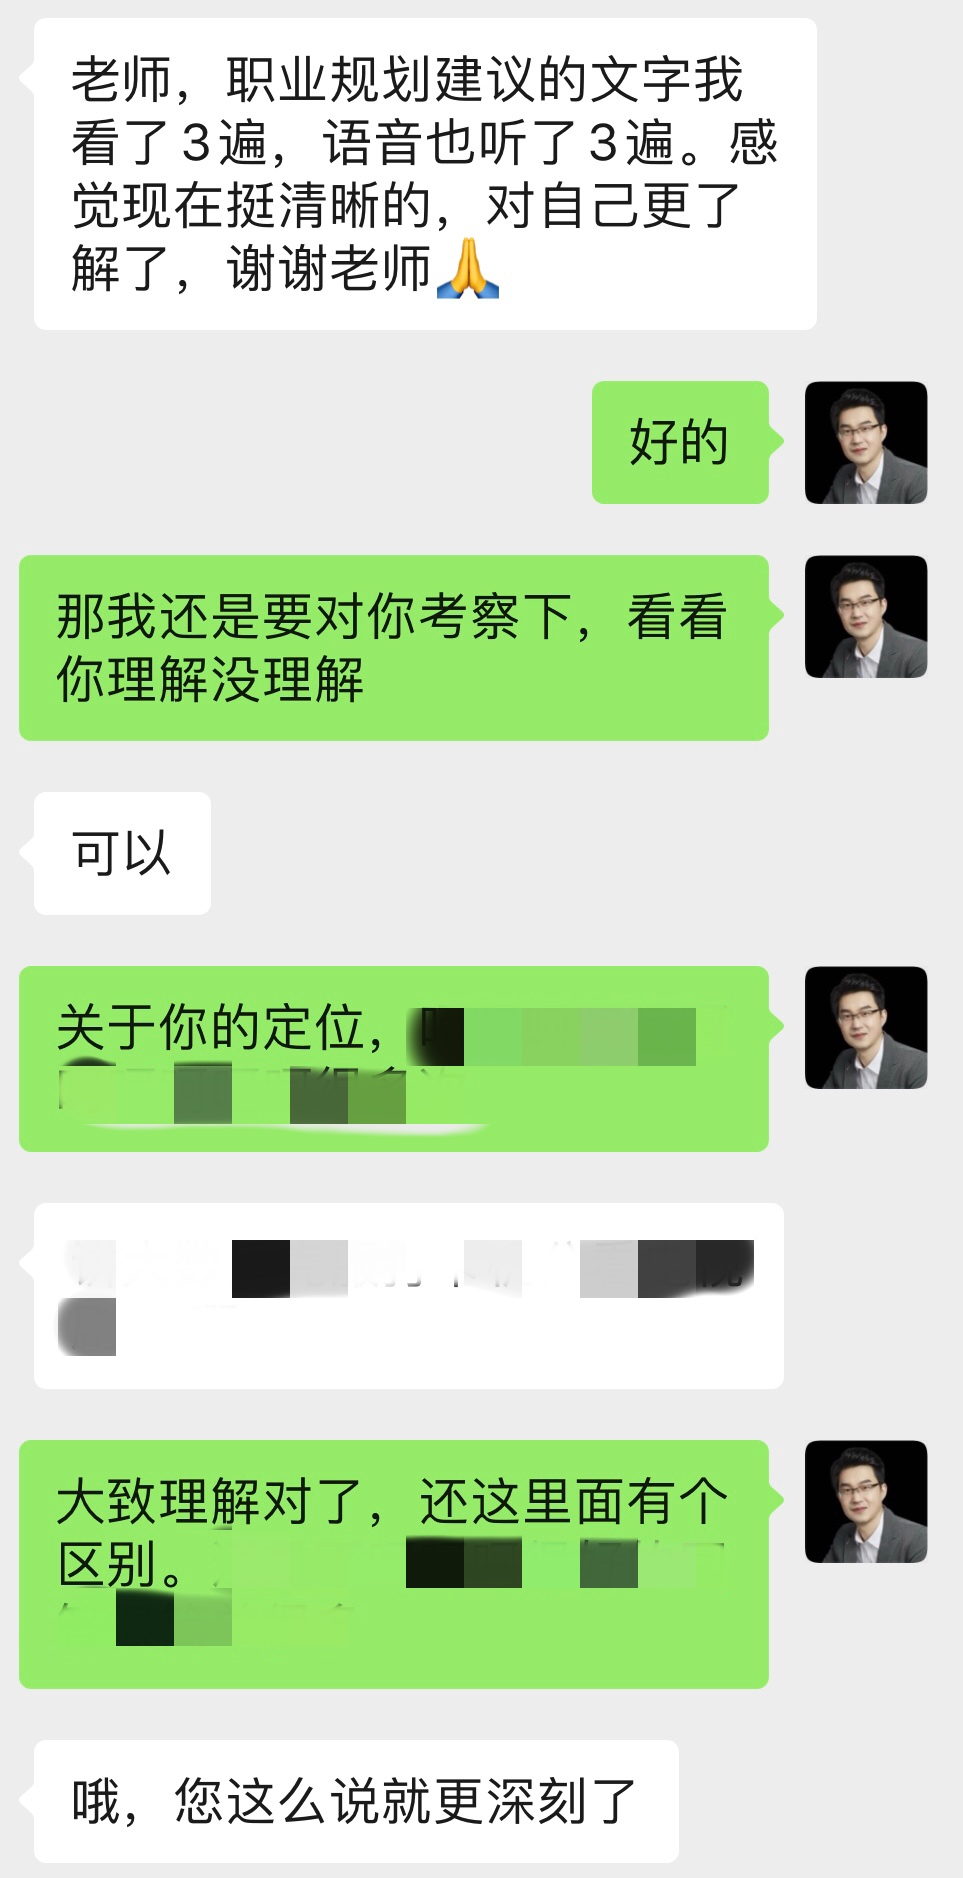 子桓私塾职场快车定制服务介绍-子桓私塾